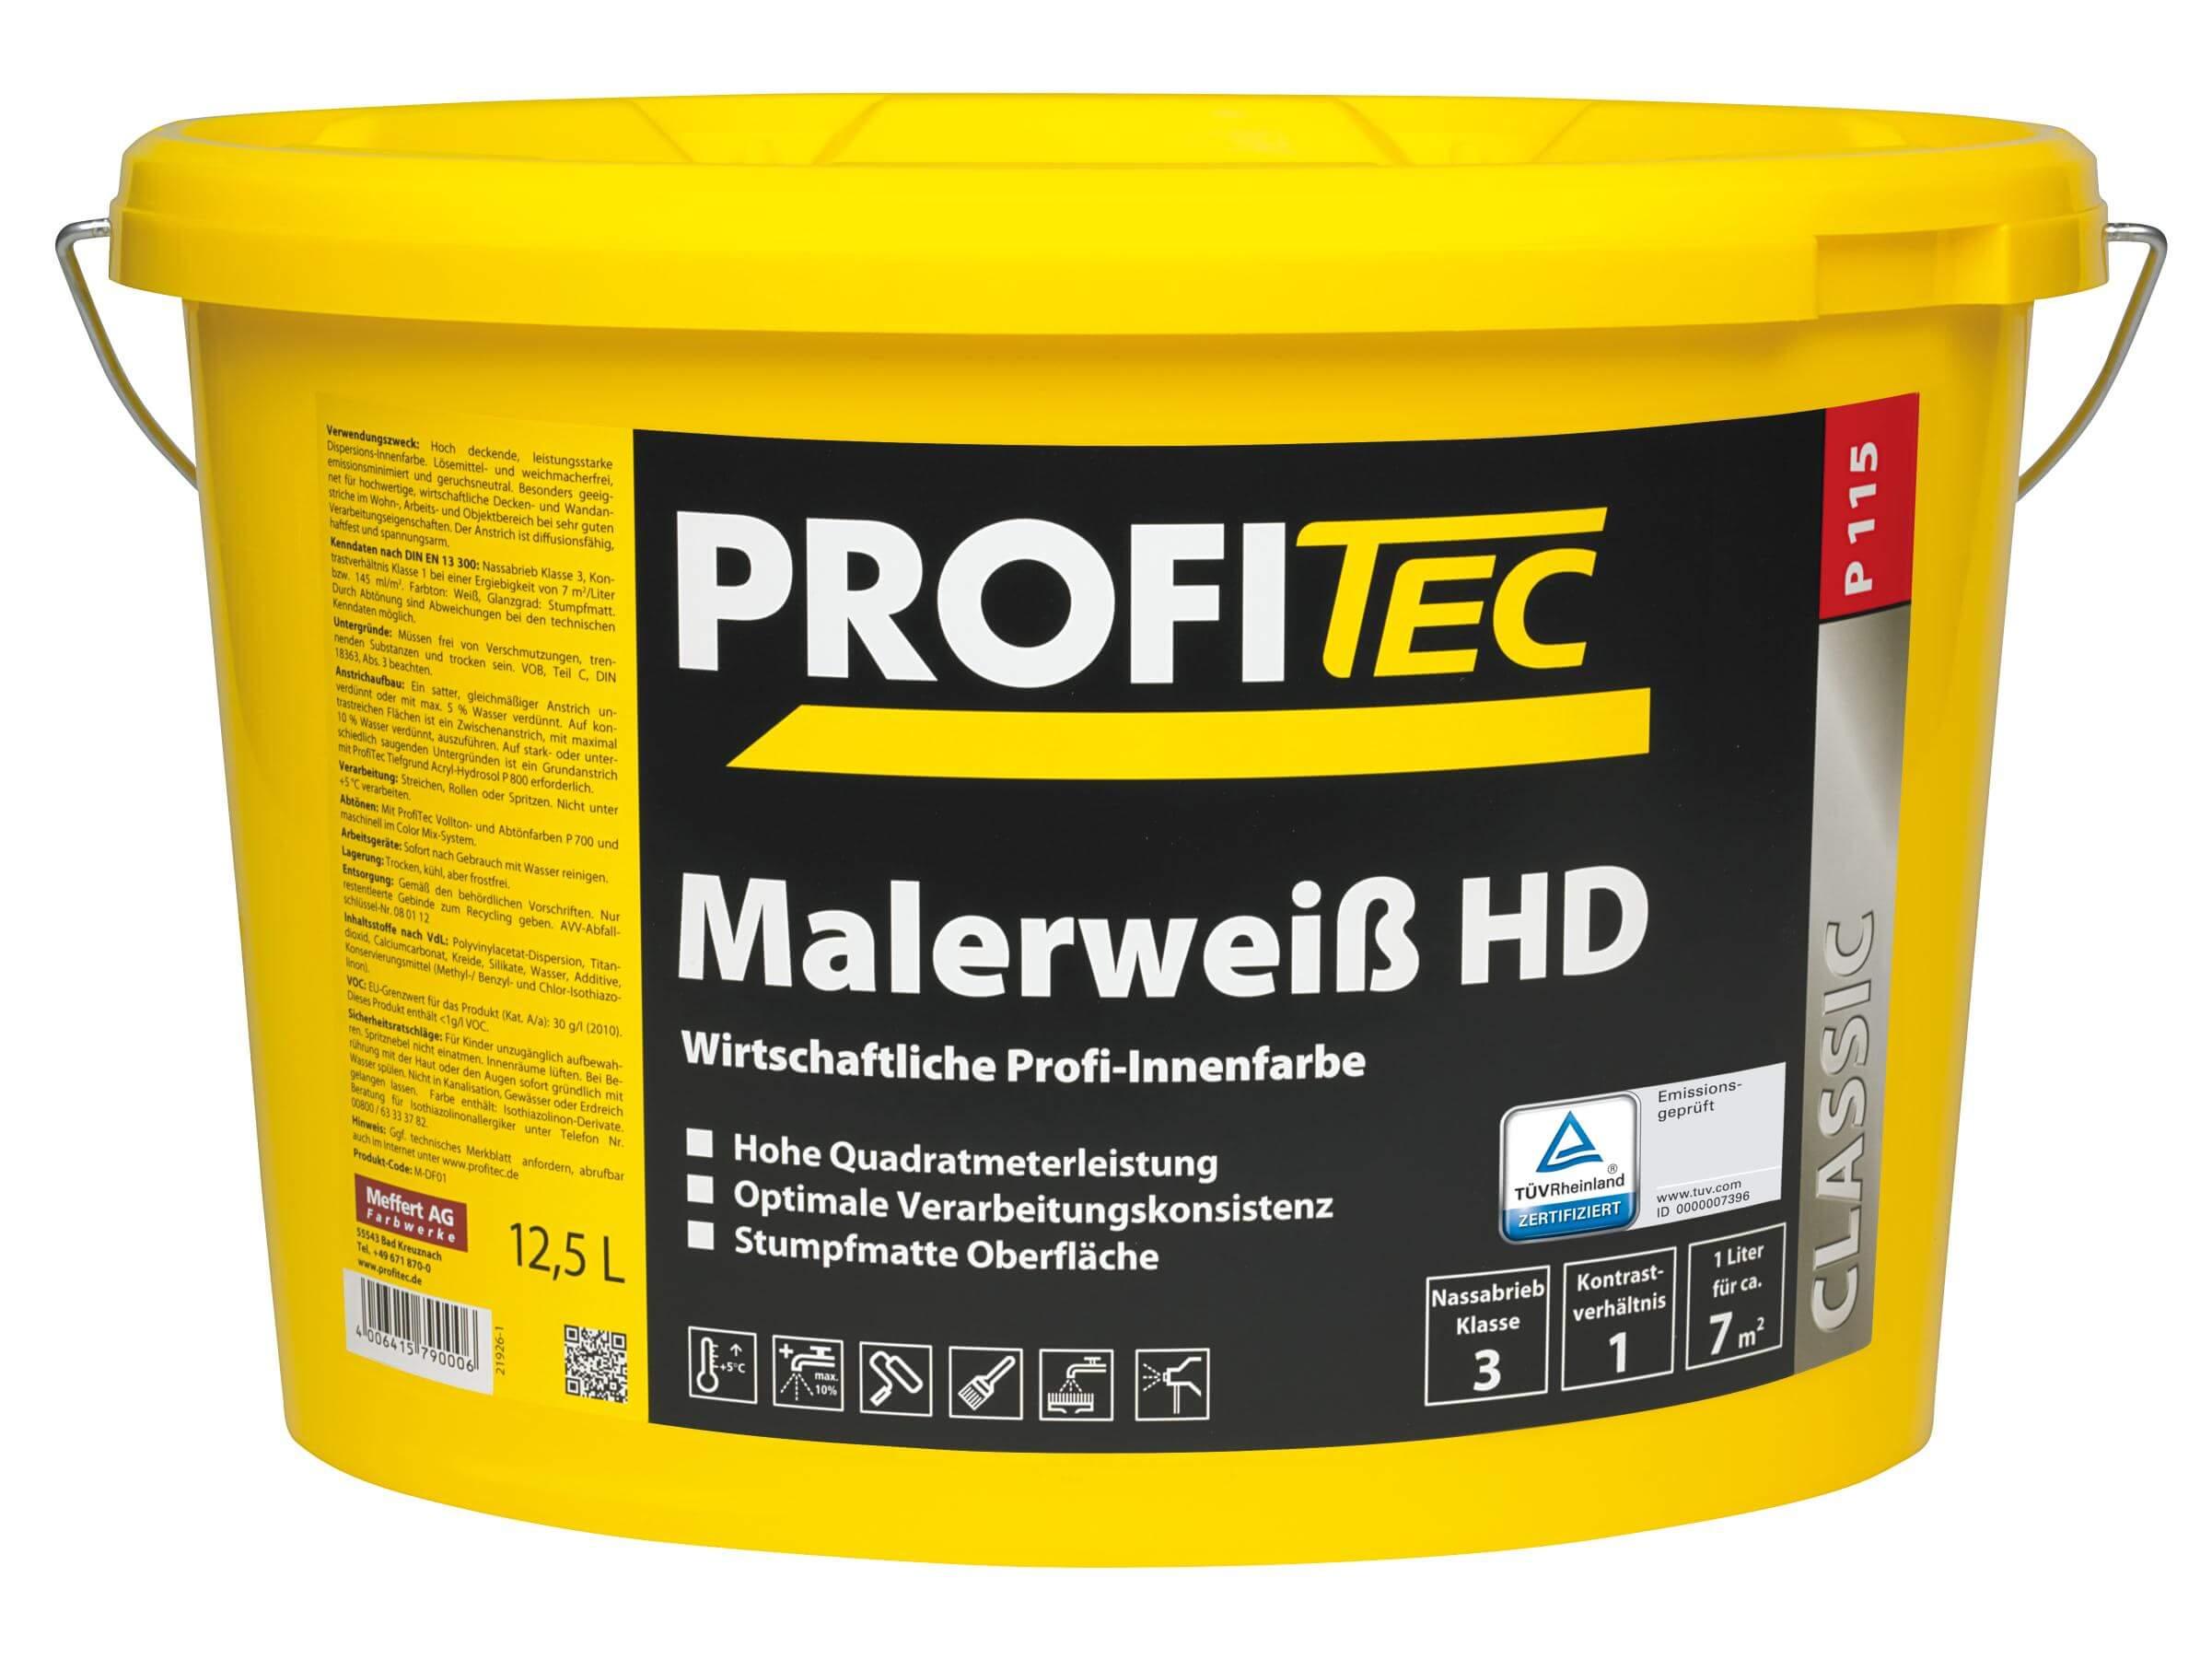 Malerweiß HD P 115